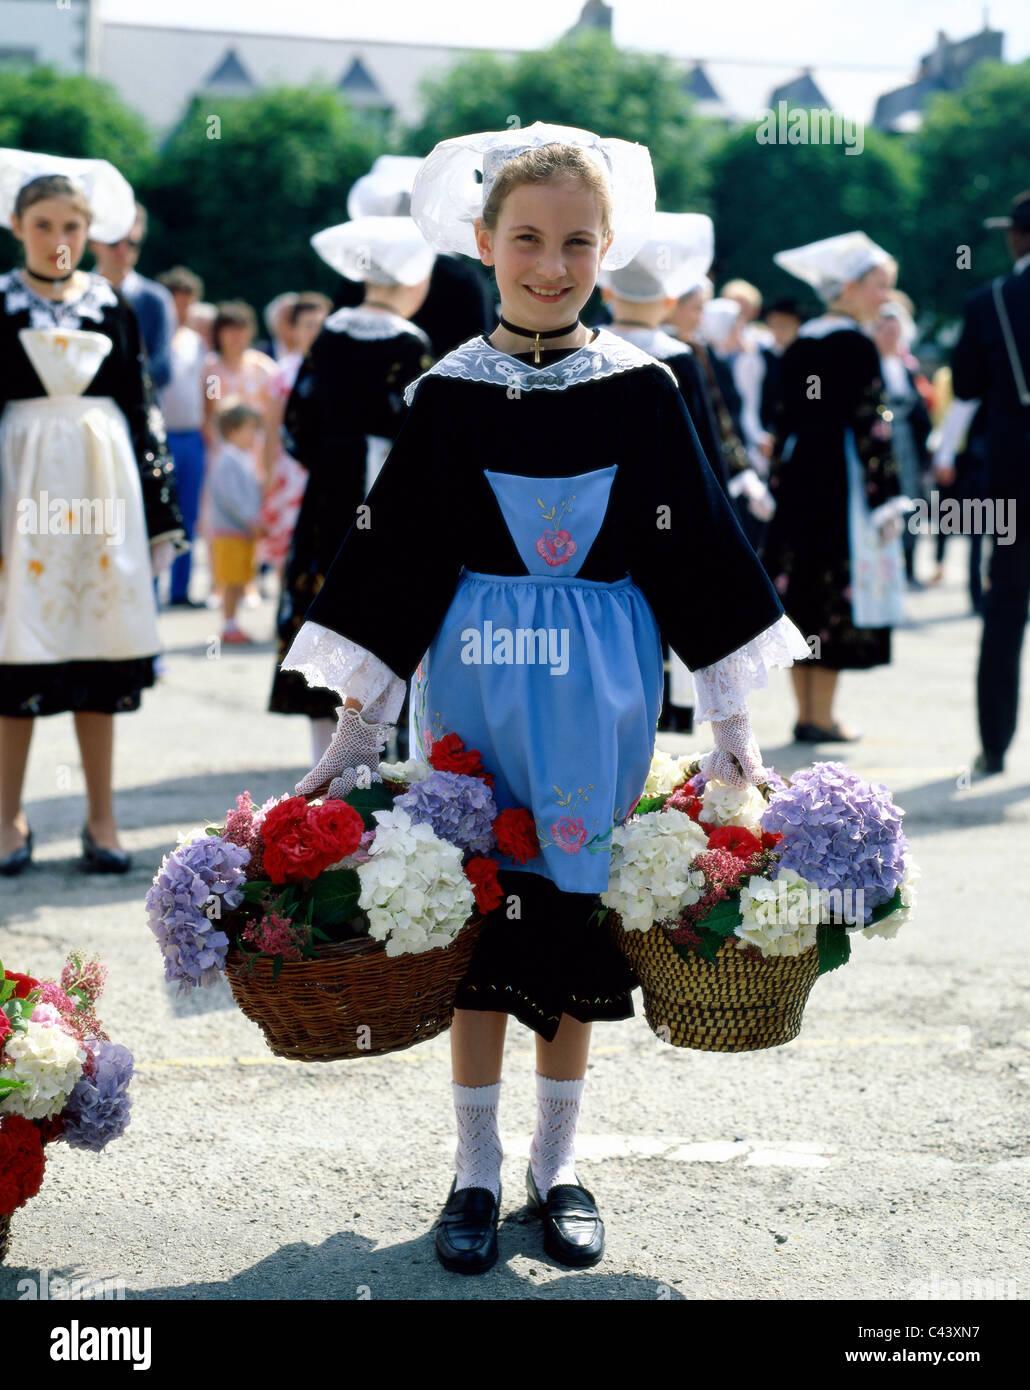 Breton Bretagne Kleid Frankreich Europa Madchen Holiday Wahrzeichen Tourismus Traditionell Traditionelle Kleidung Reisen Urlaub Stockfotografie Alamy